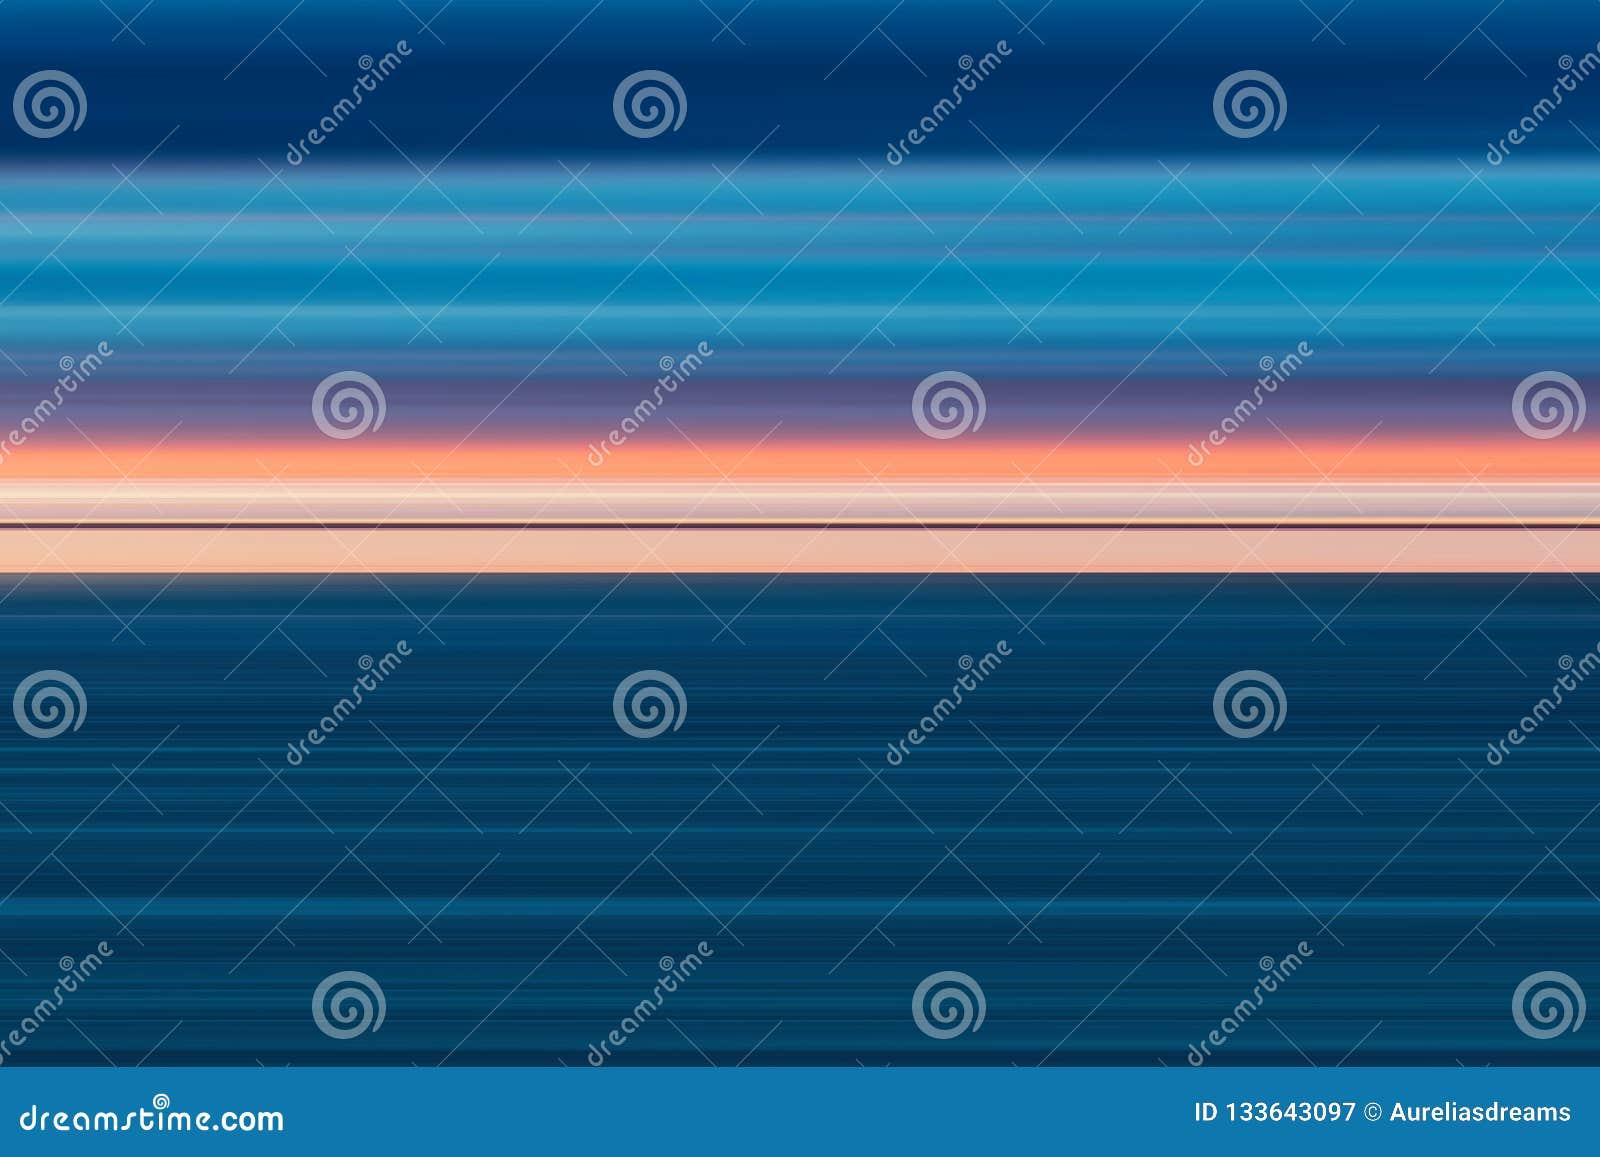 Ζωηρόχρωμο αφηρημένο φωτεινό υπόβαθρο γραμμών, οριζόντια ριγωτή σύσταση στους ρόδινους και μπλε τόνους